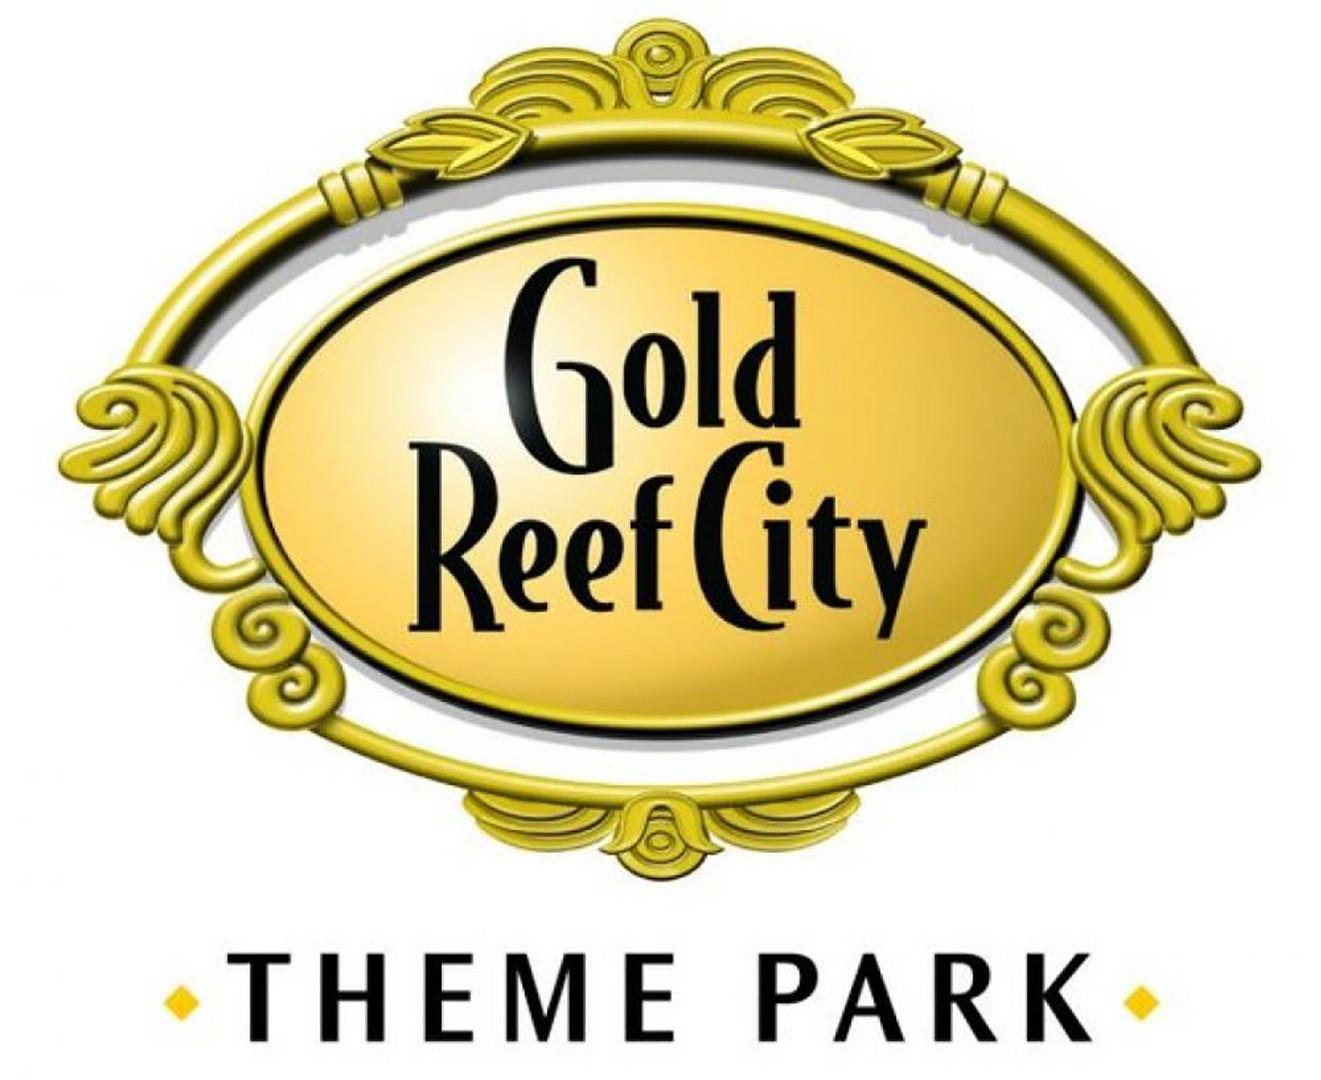 GoldReefCitylogo-3794540768.jpg